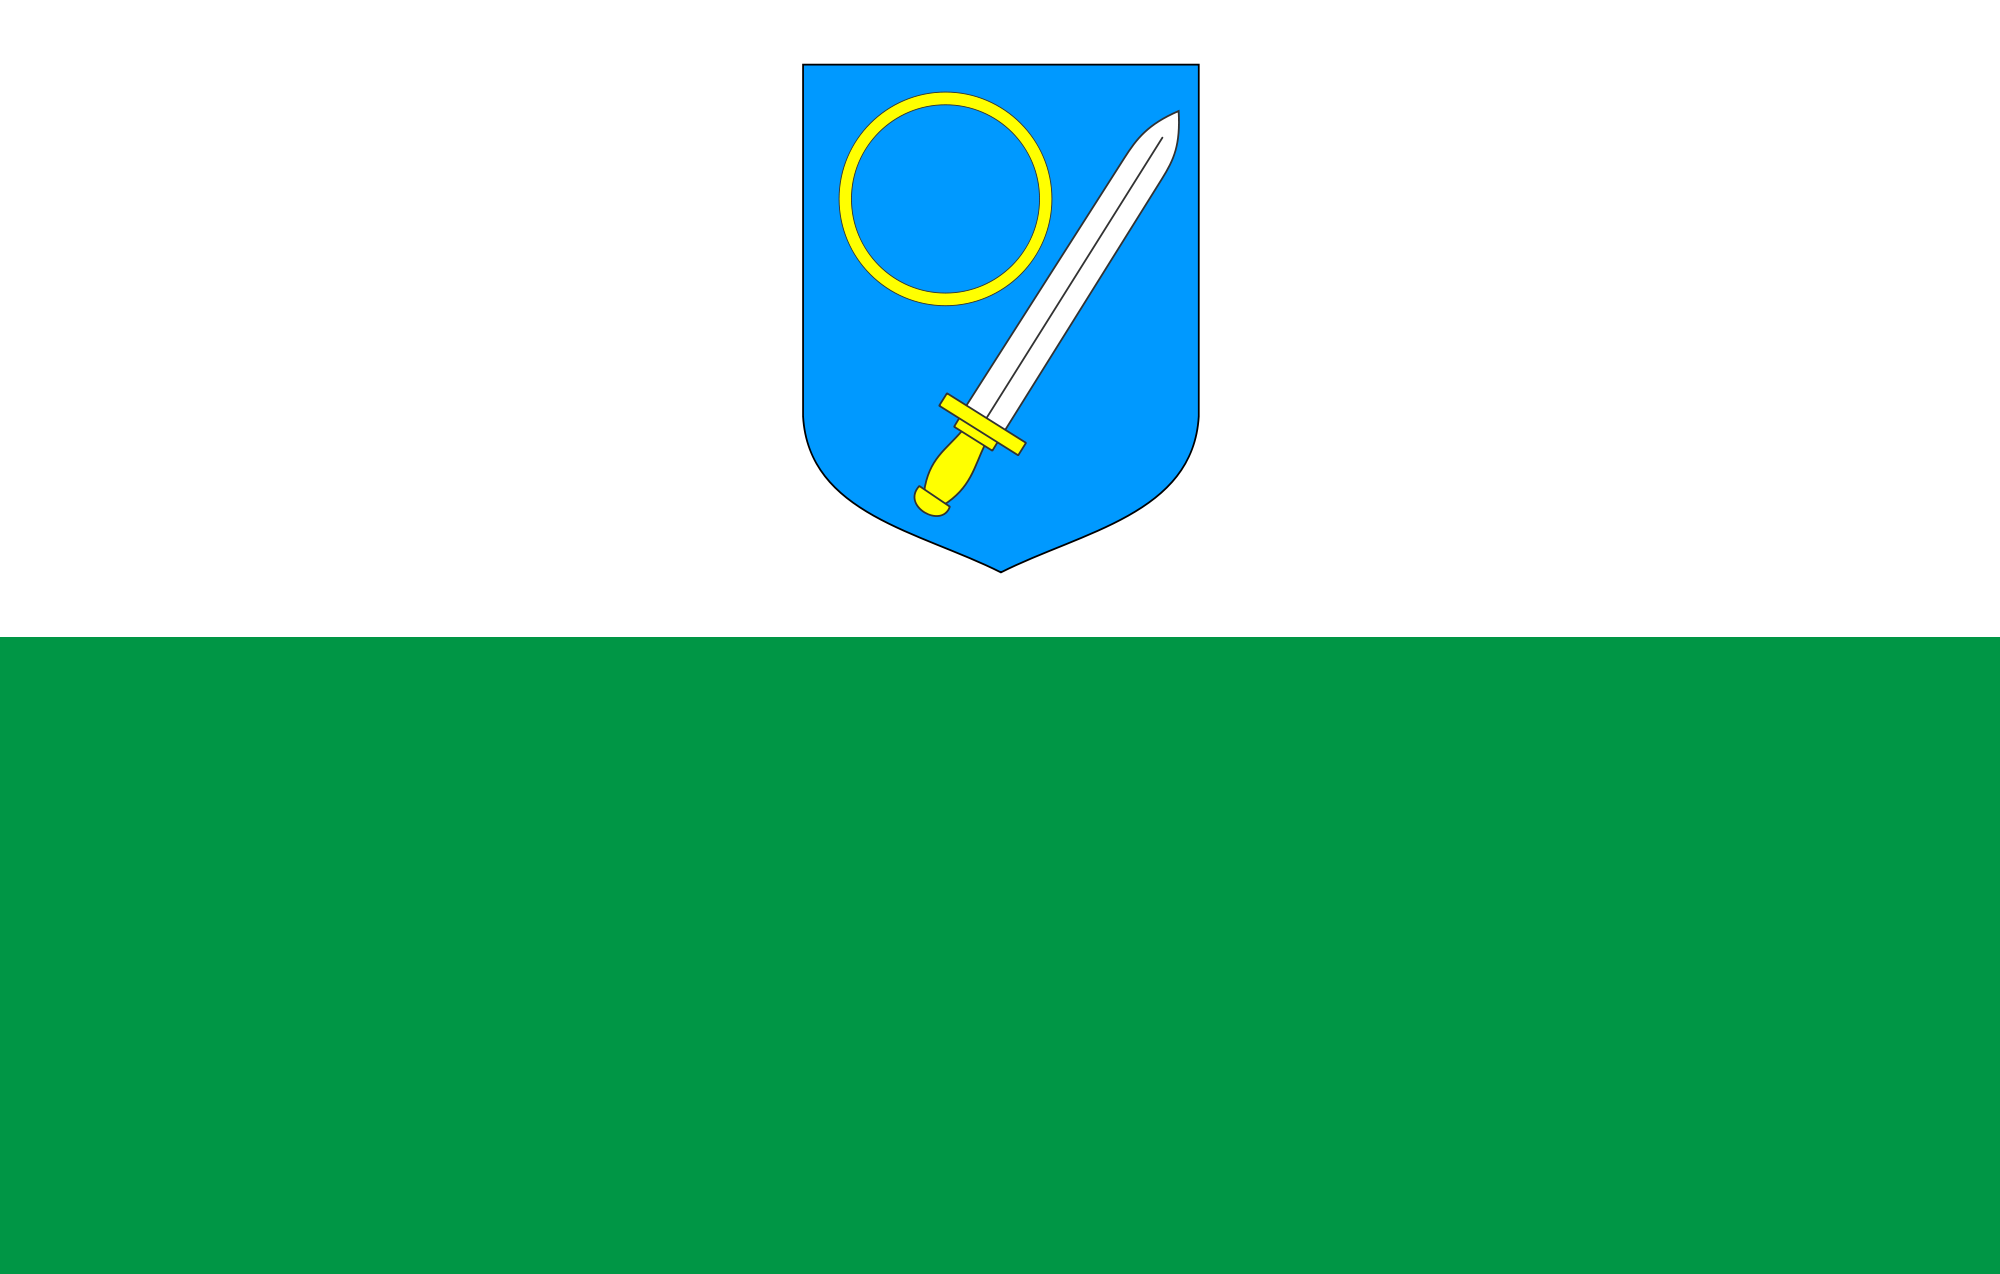 Võru County (Vorumaa)